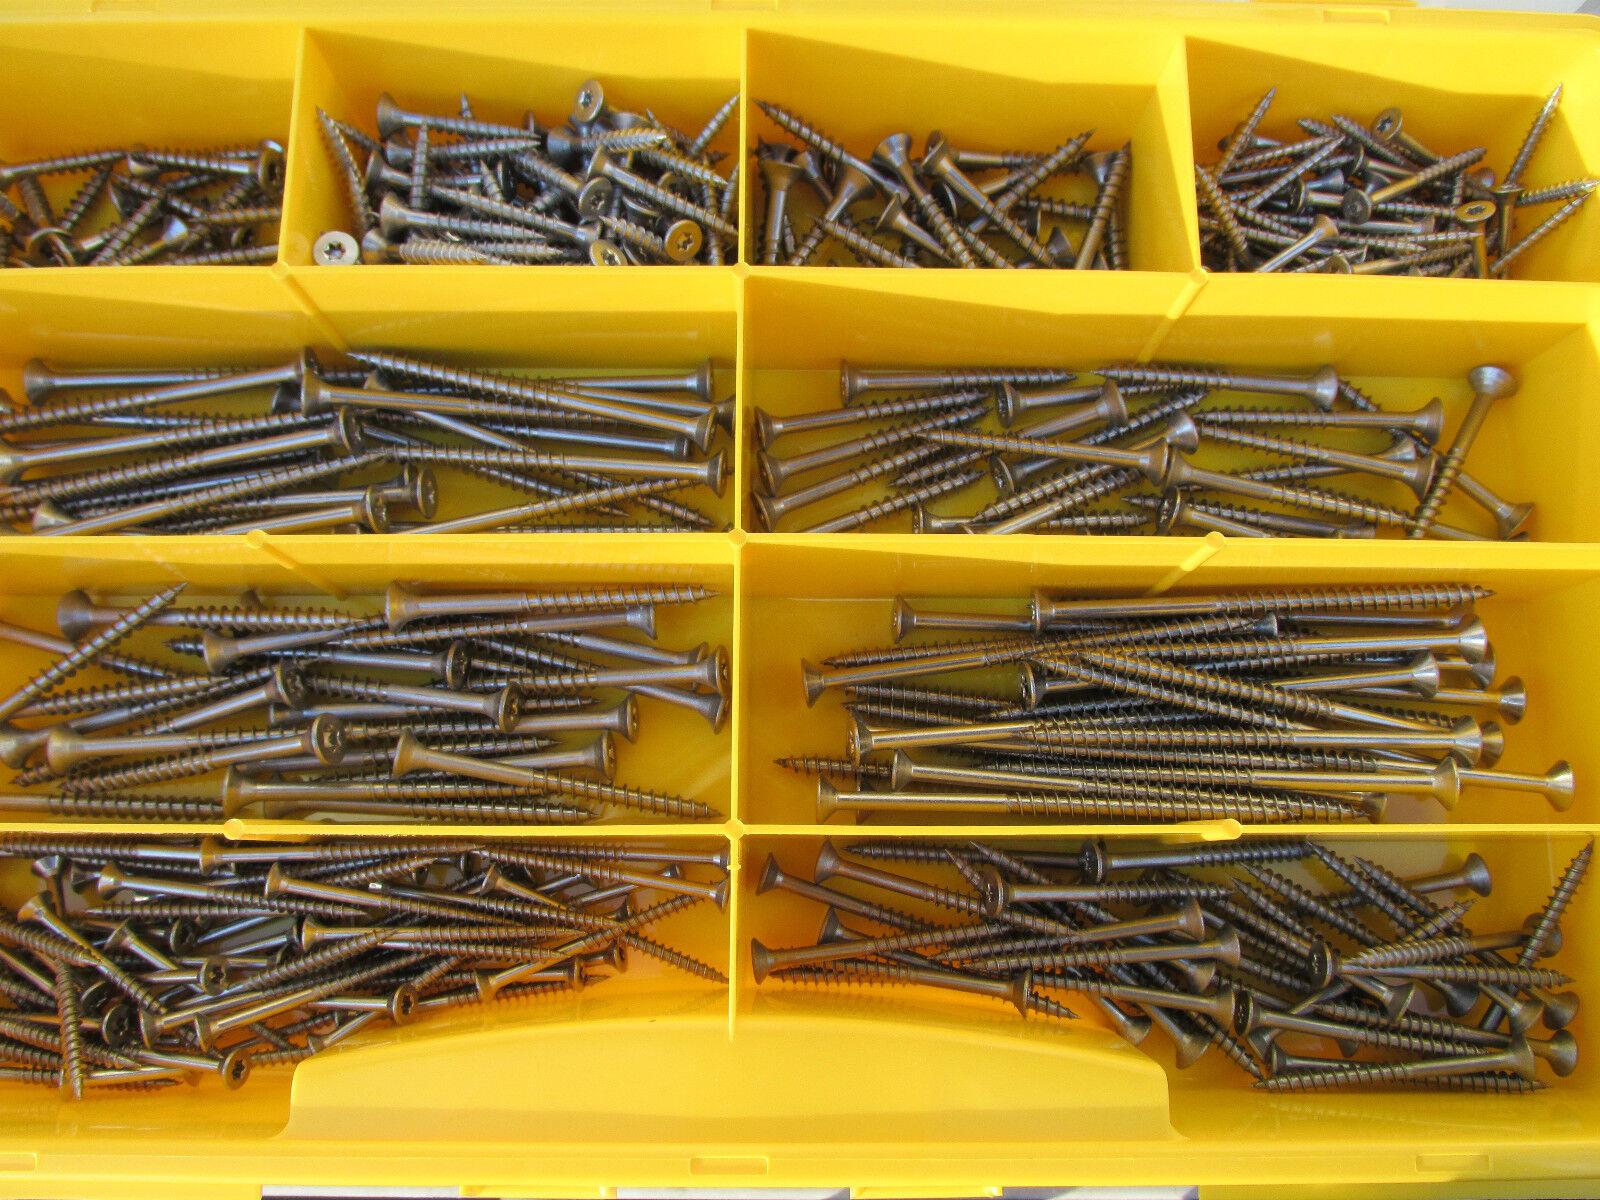 800 Teile Torx Edelstahl Spanplatten Schrauben Sortiment Set 3 - 3,5 - 4